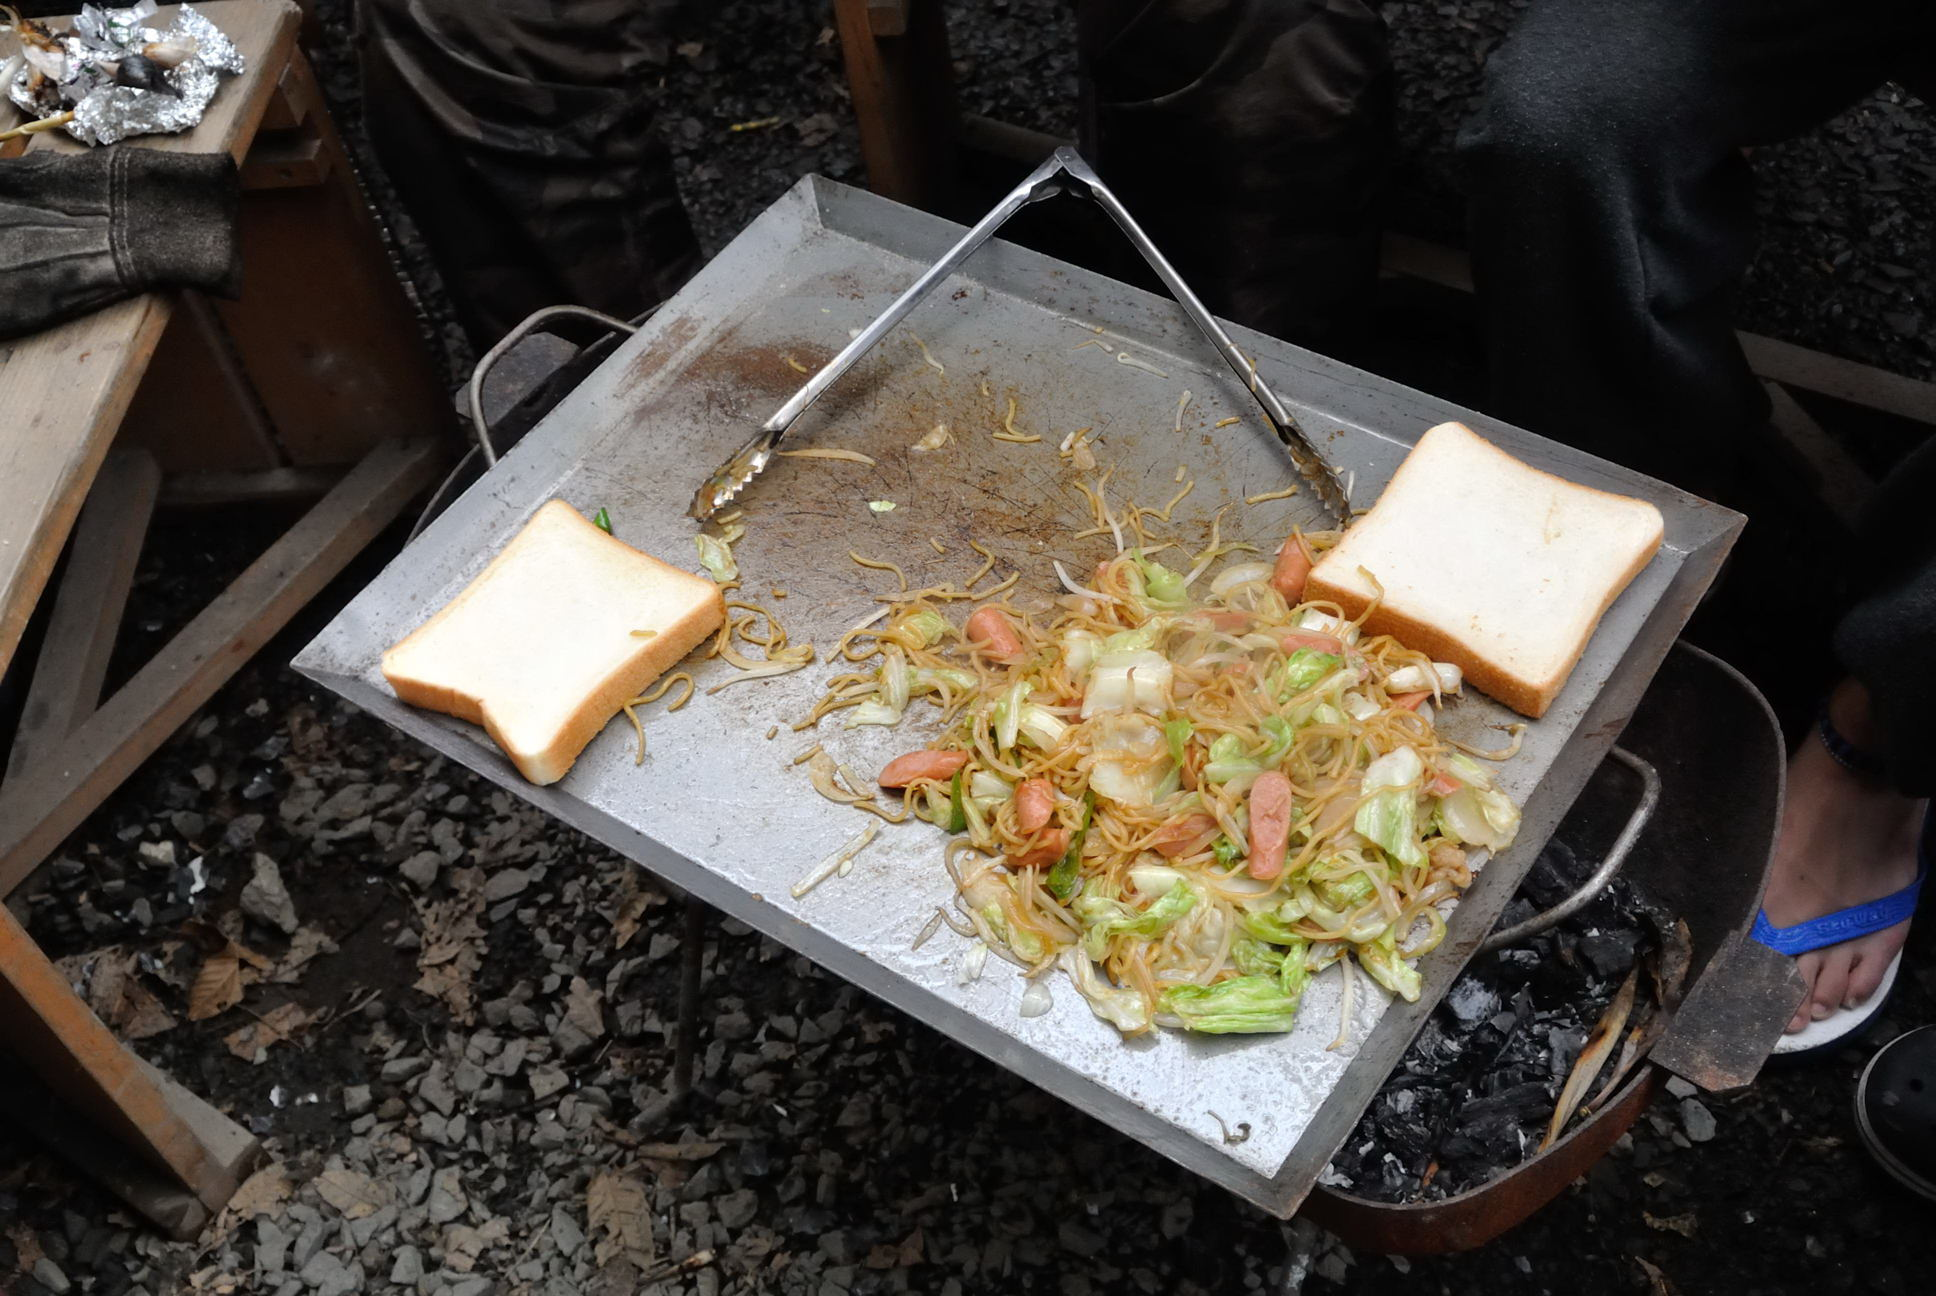 焼きそばパンまで作っていますin屋久島